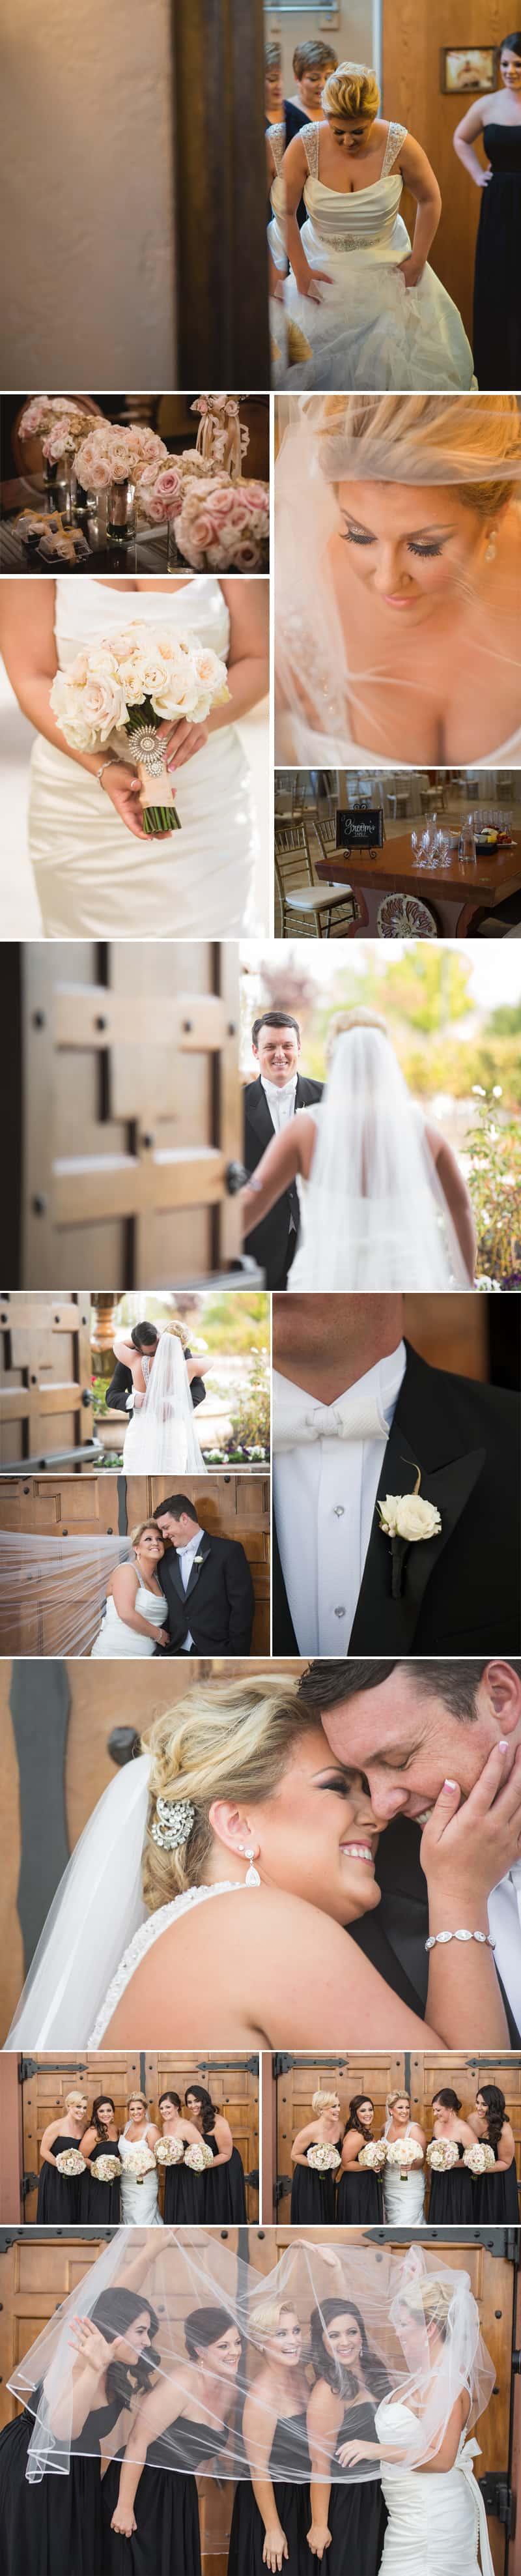 Baseball Wedding 2